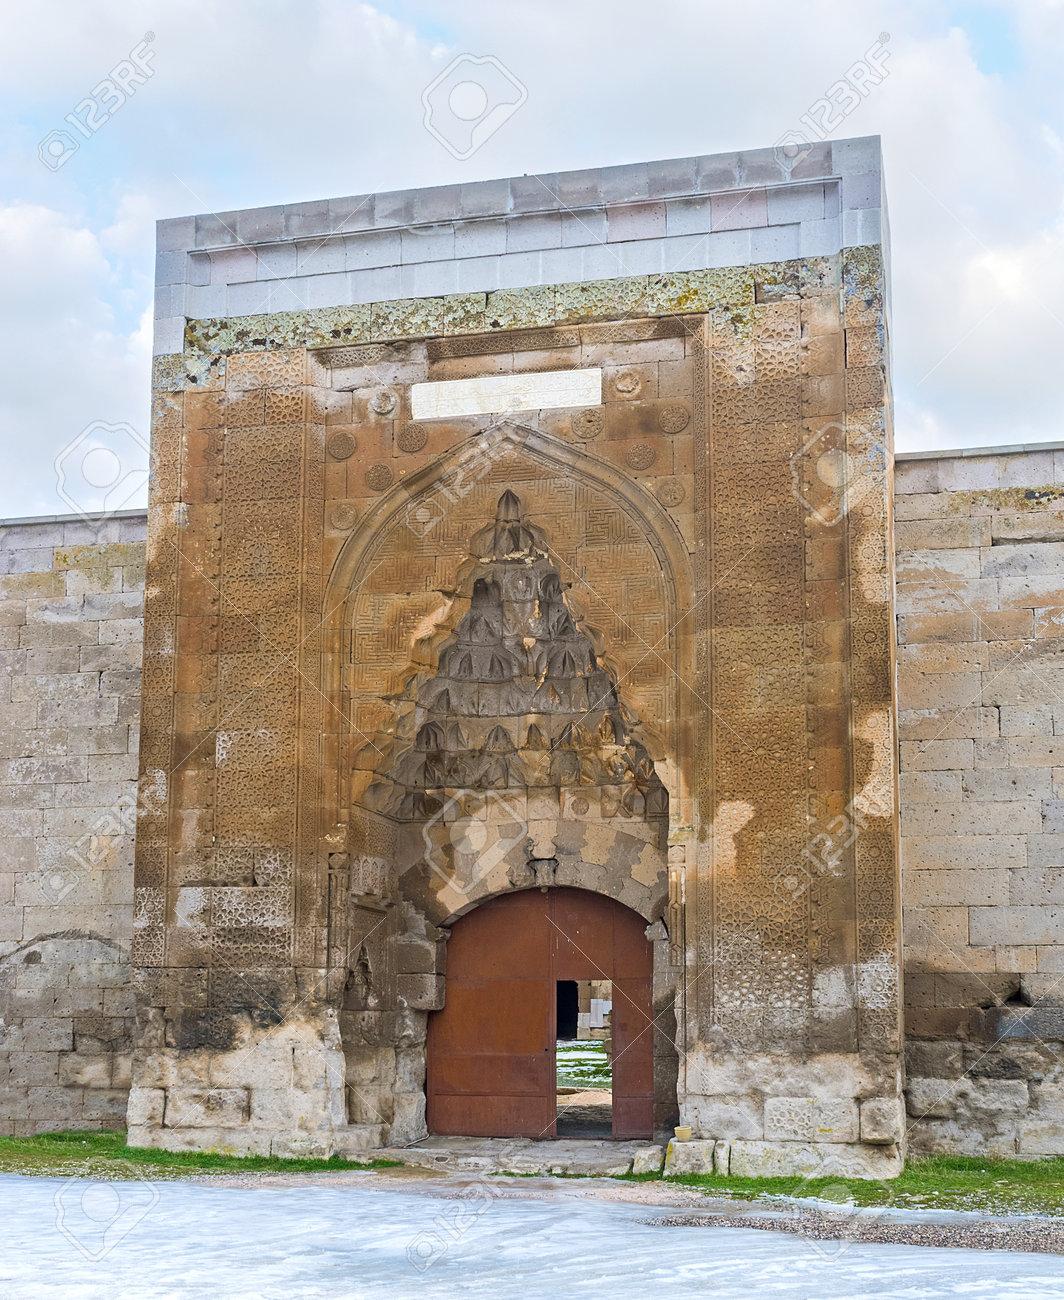 Le Portail De La Cité Médiévale Agzikarahan Caravan Saray, Décorée ...